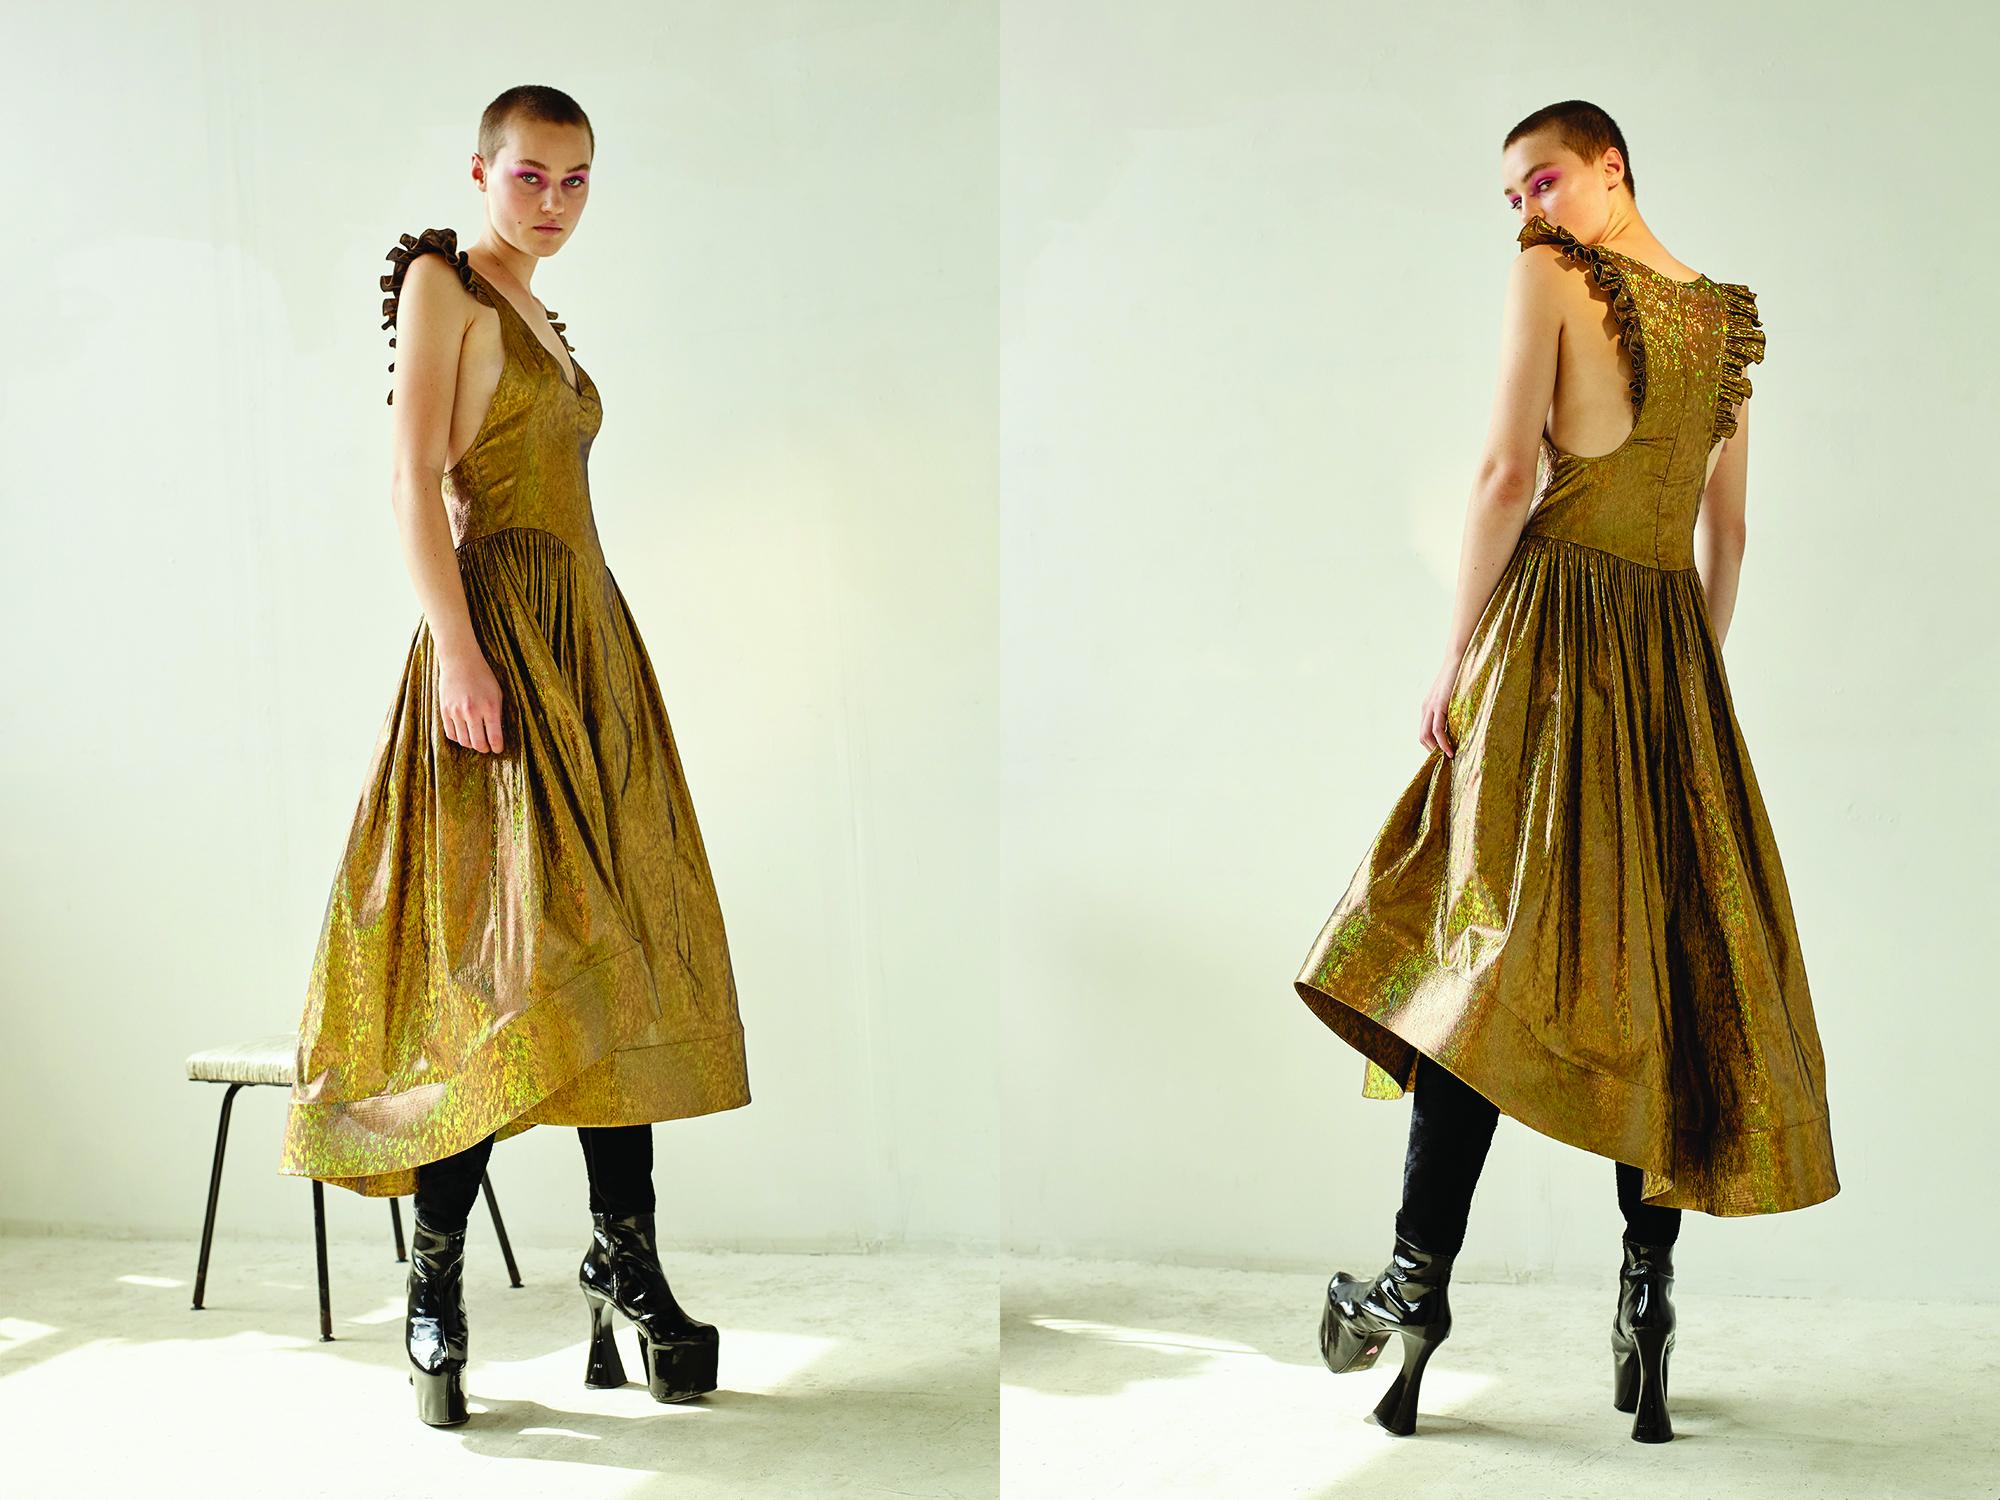 kelsey randall gold hologram angel gown ruffle shoulder patent leather vintage platform boots